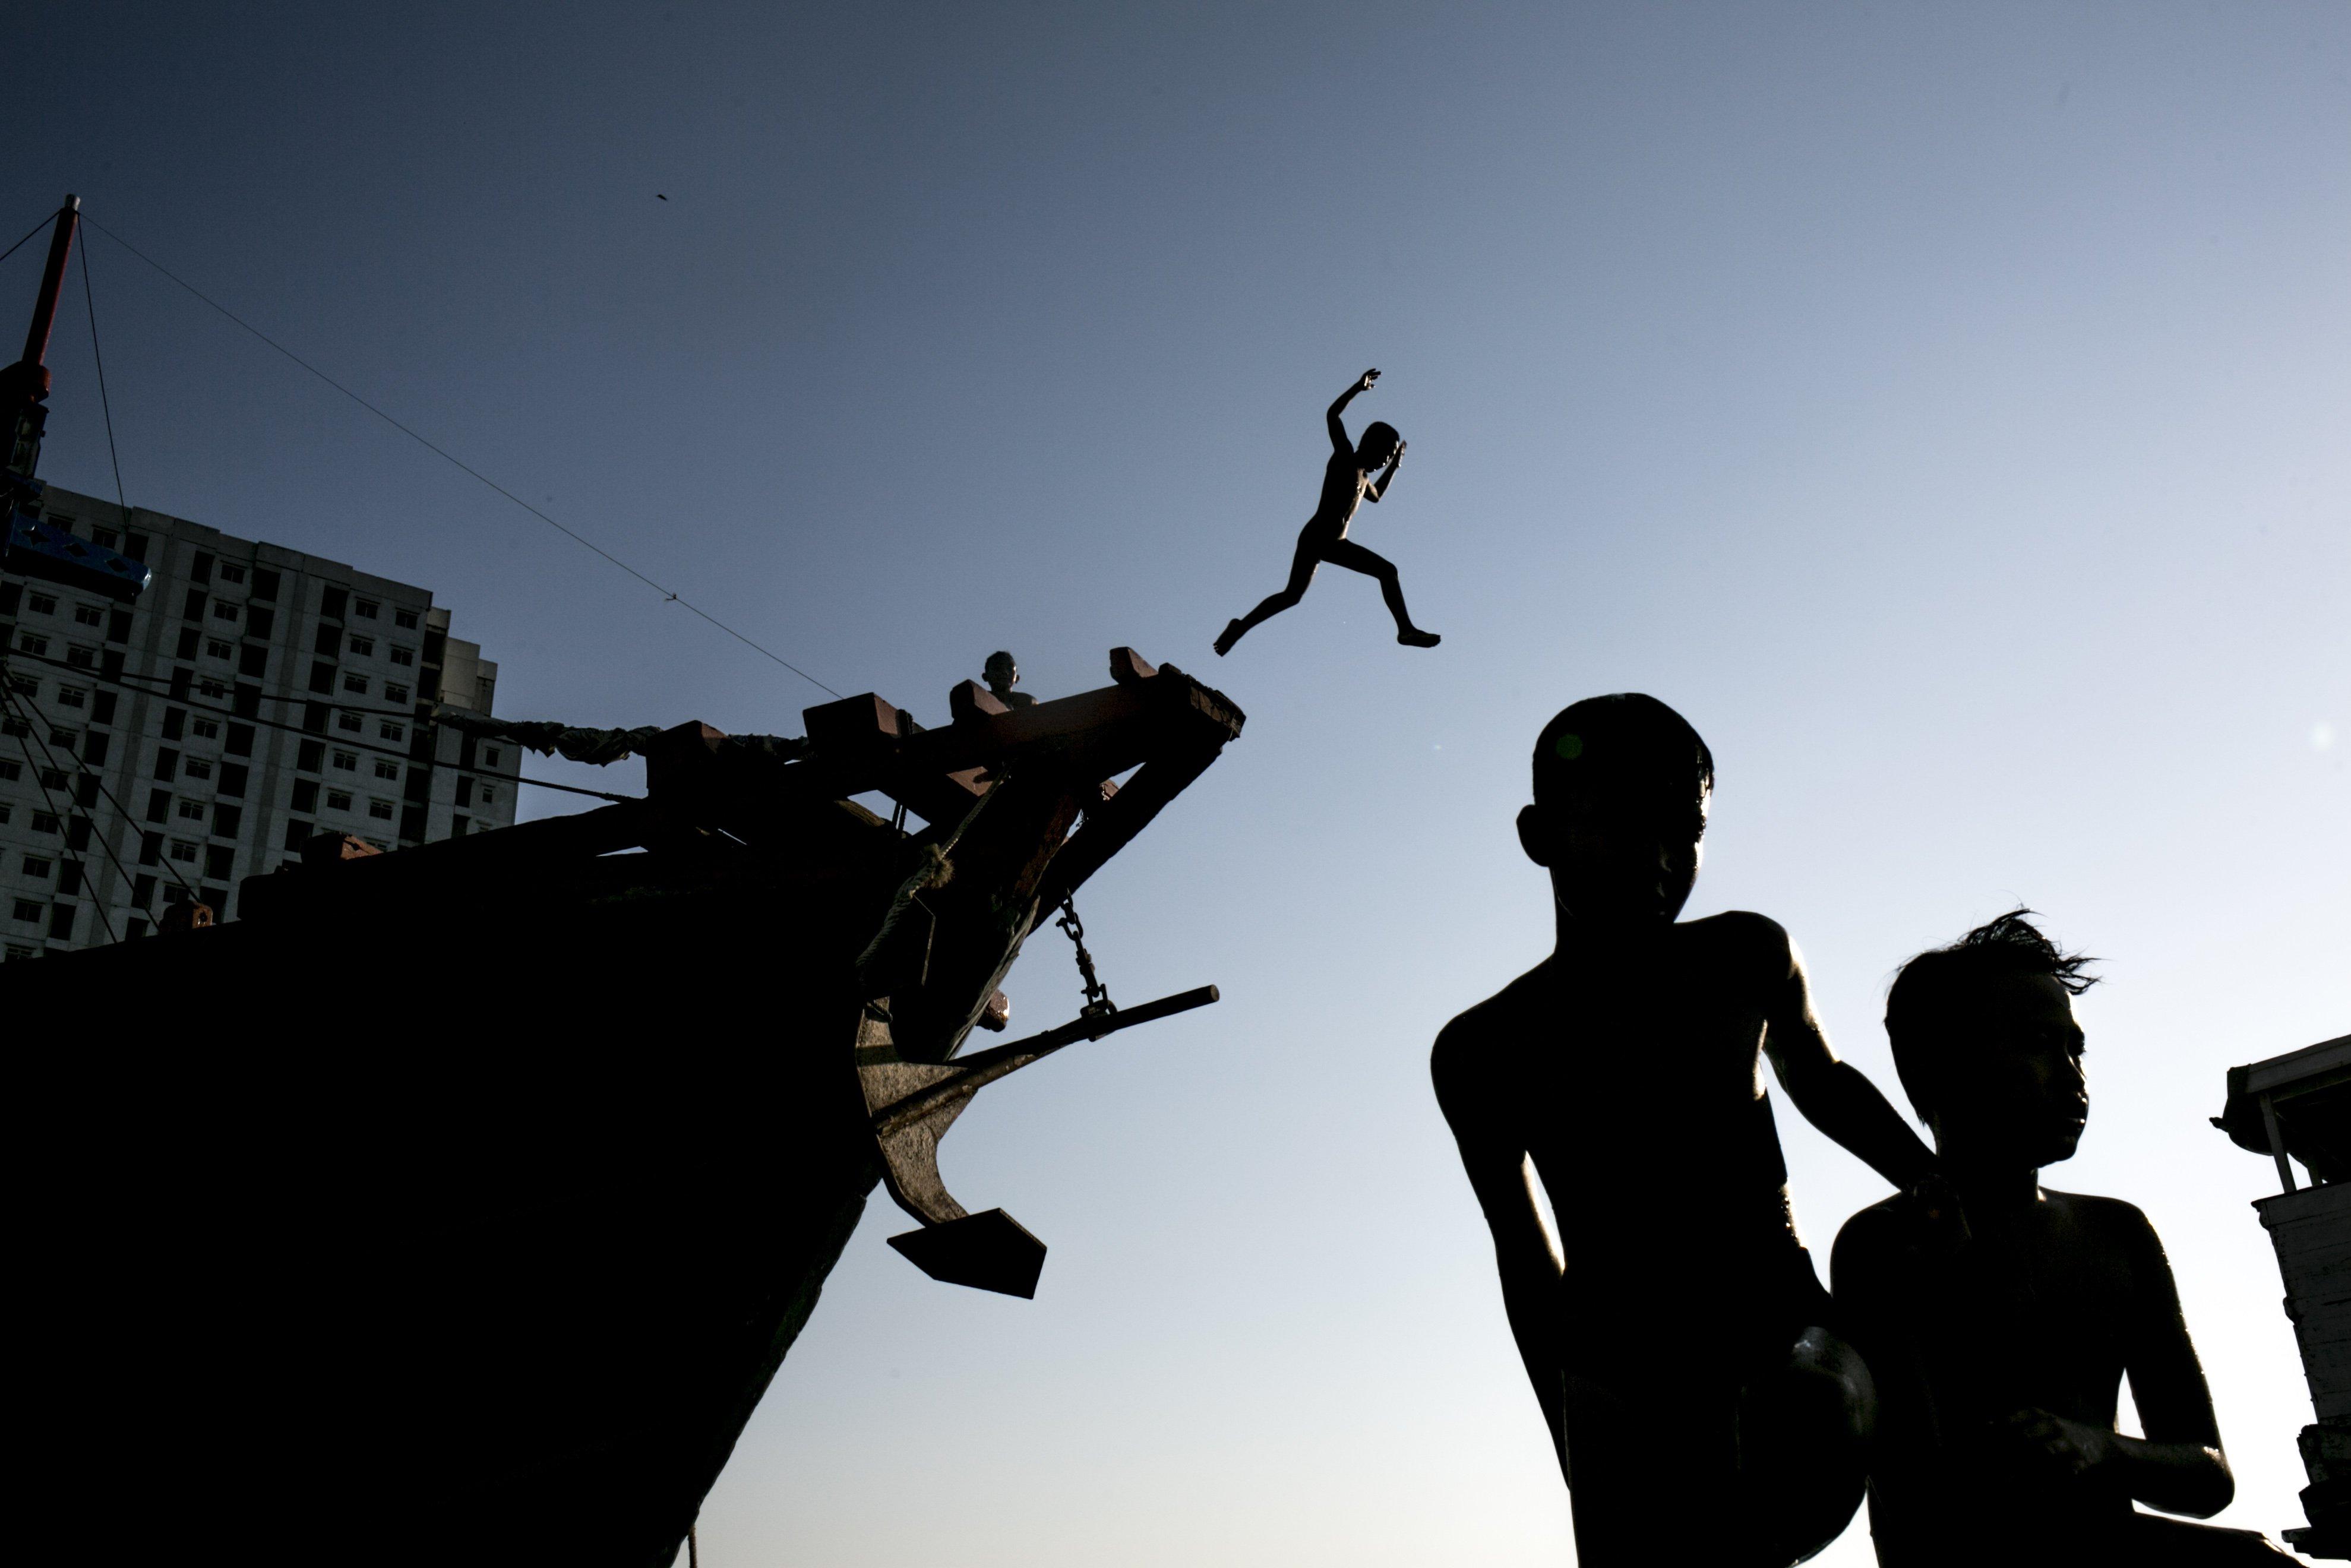 Sejumlah anak melompat dari atas kapal di Kawasan Pelabuhan Suda Kelapa, Jakarta Utara, Senin (27/7/2020). Anak-anak ini menjadikan pelabuhan untuk tempat bermain dan mencari rejeki dari para pengunjung yang datang ke pelabuhan.